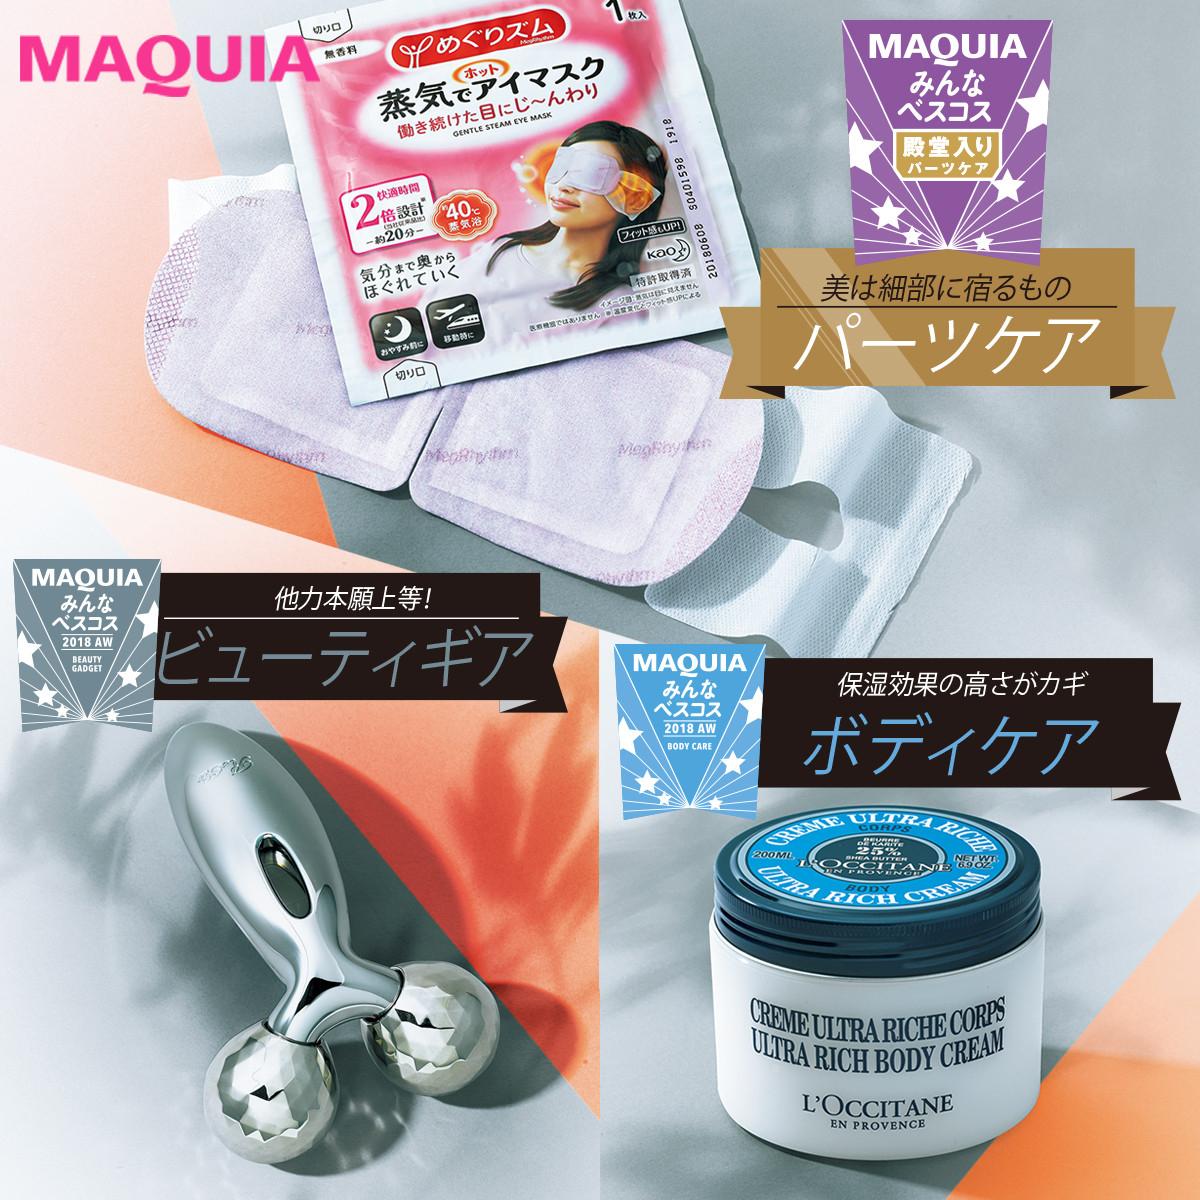 ¥570のプチプラも入選! 約10万人が選んだパーツ・ボディ・ビューティギアの名品